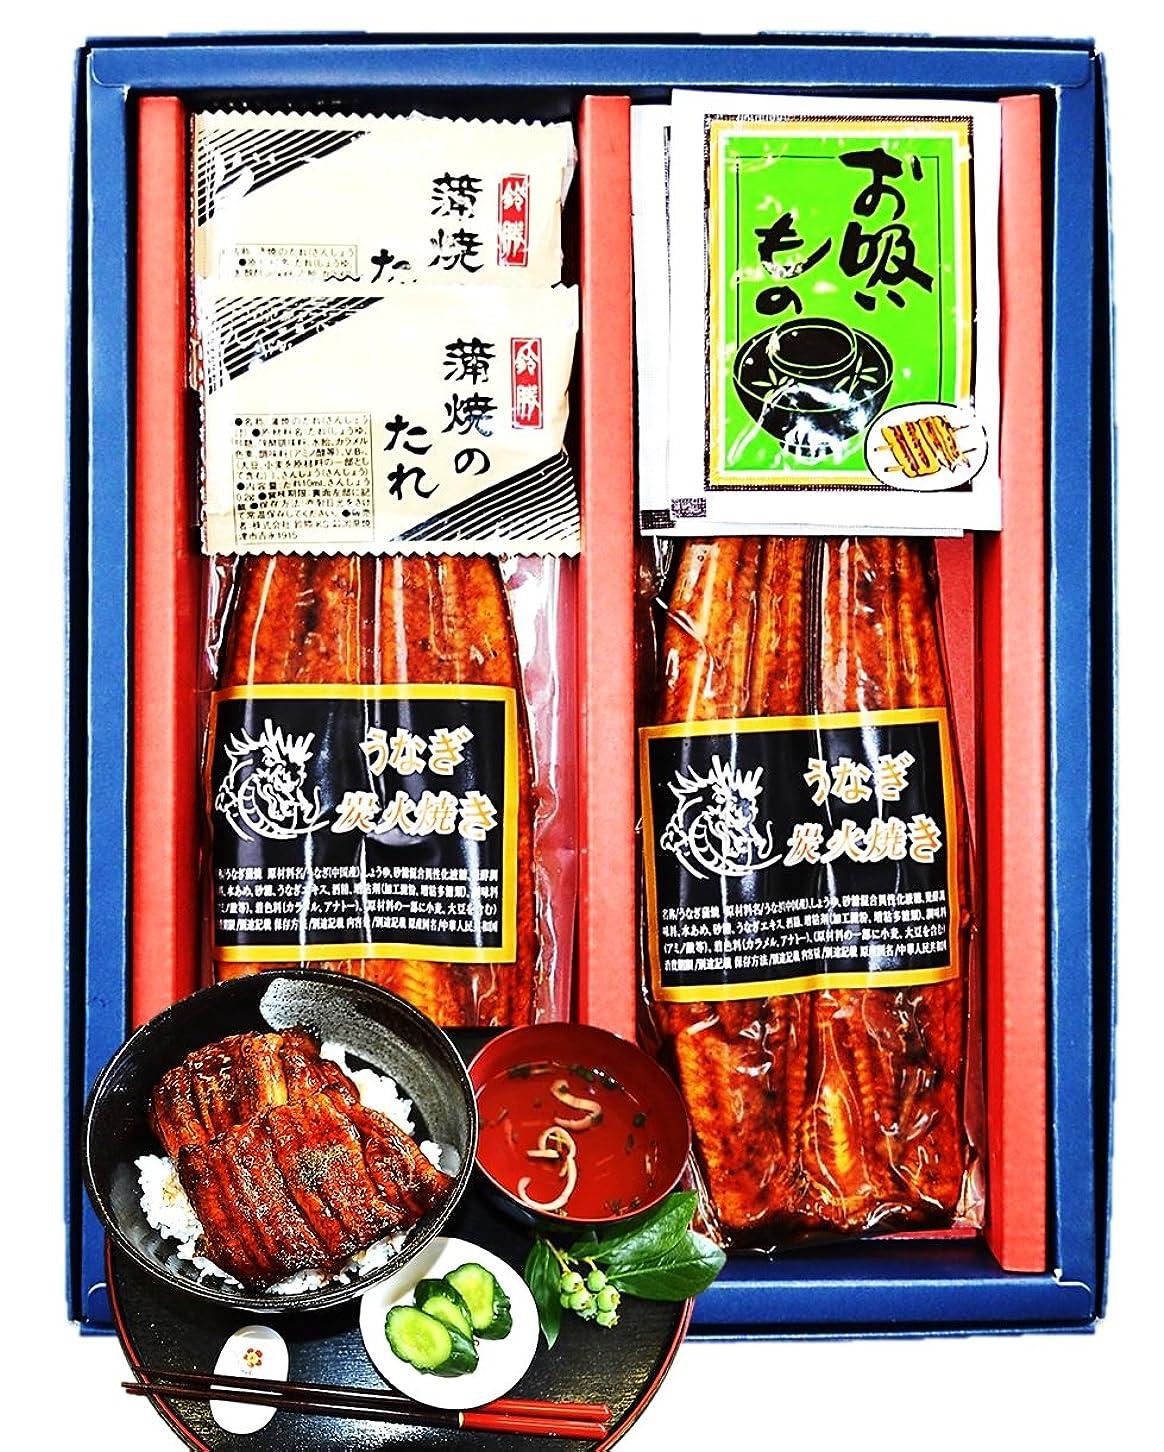 特徴づける頑固なカリング肉厚タップリの超特大サイズの国産うなぎ蒲焼き200-229gx1本(タレ、山椒付き) 川口水産